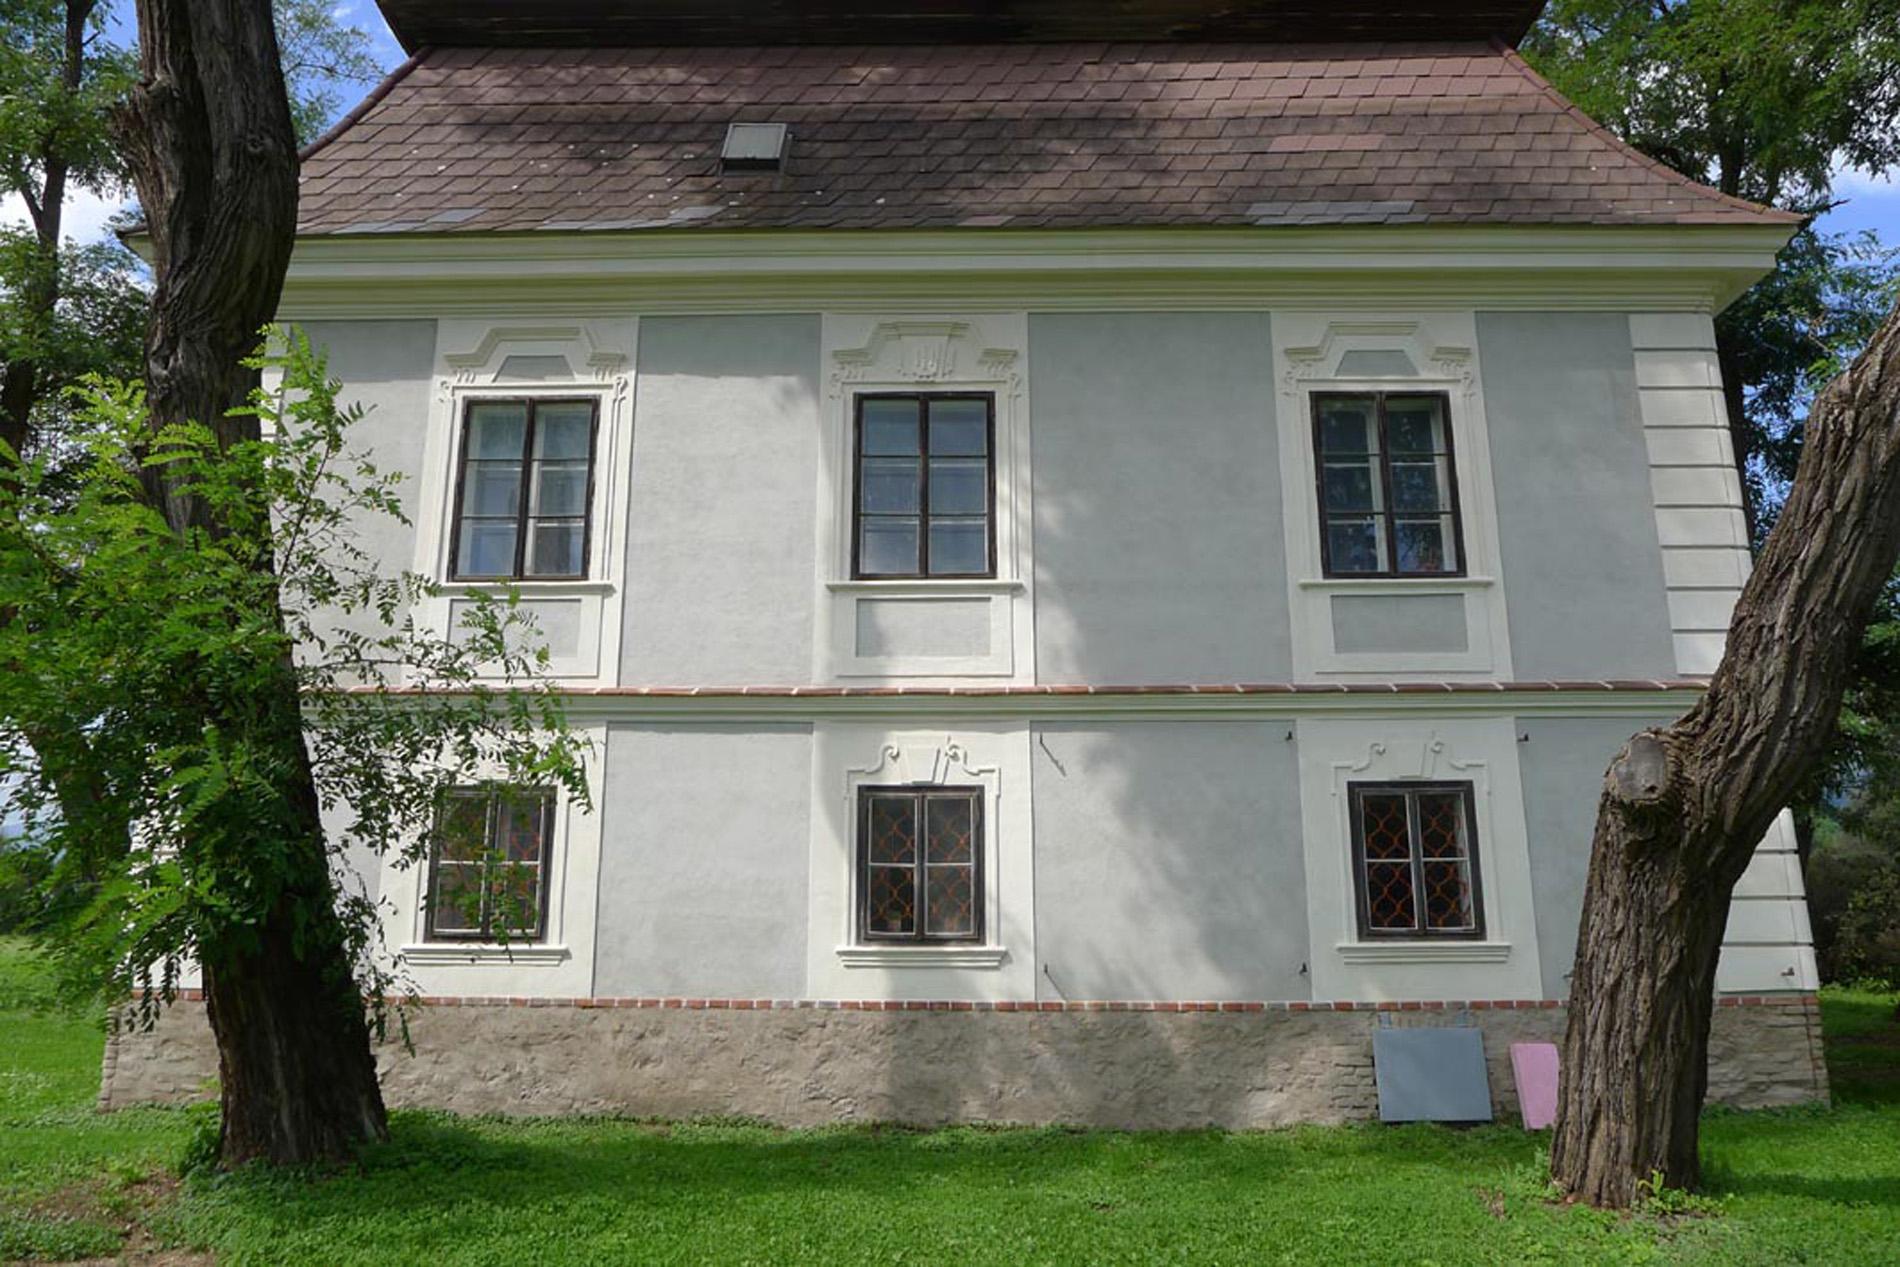 Restauratort Hubert Schwarz Fichtenhof St. Lorenzen